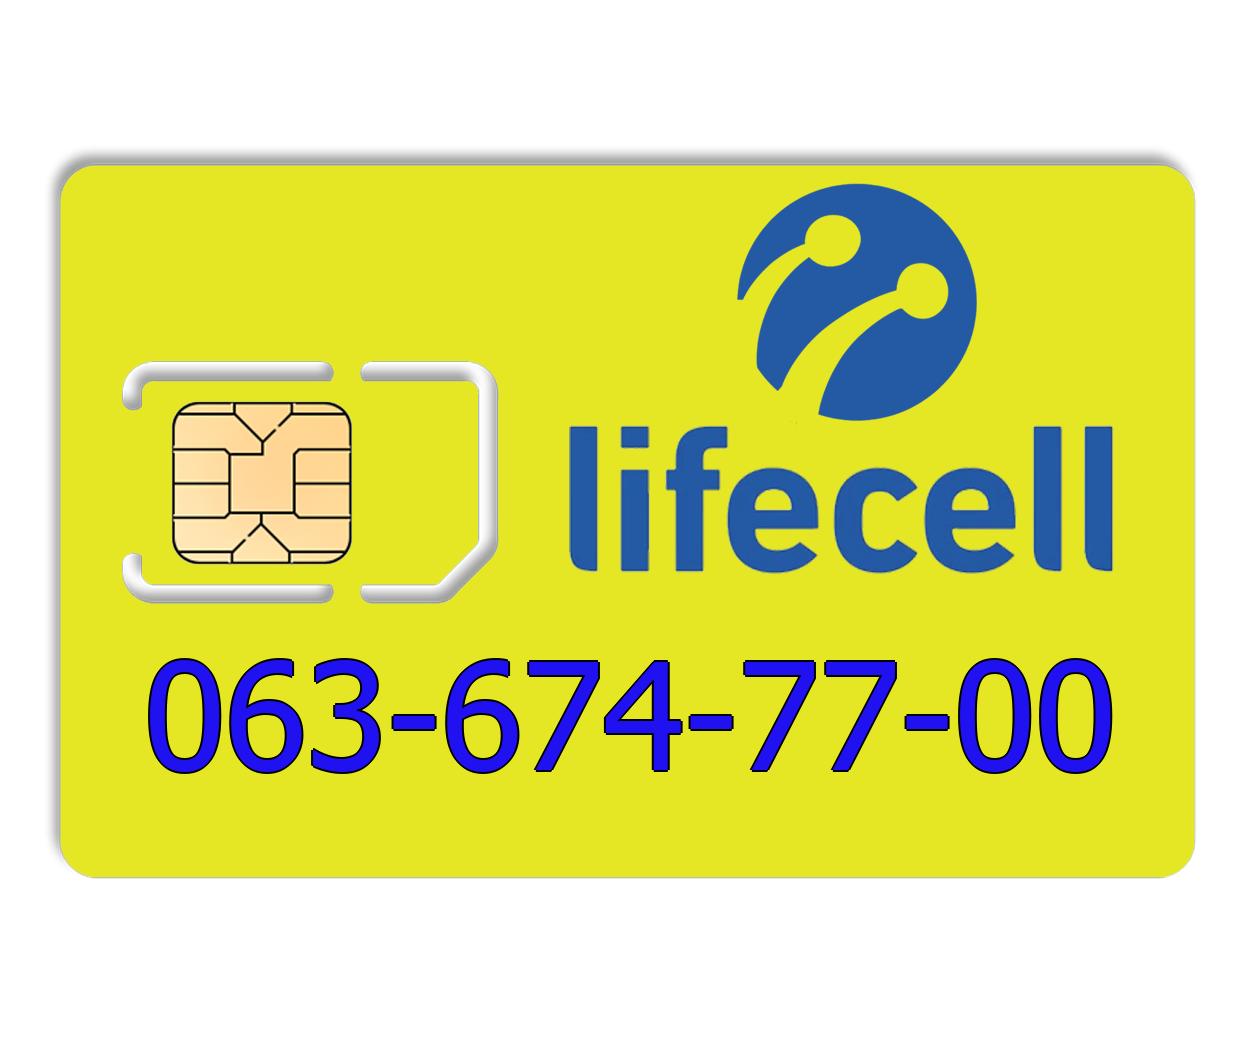 Красивый номер lifecell 063-674-77-00